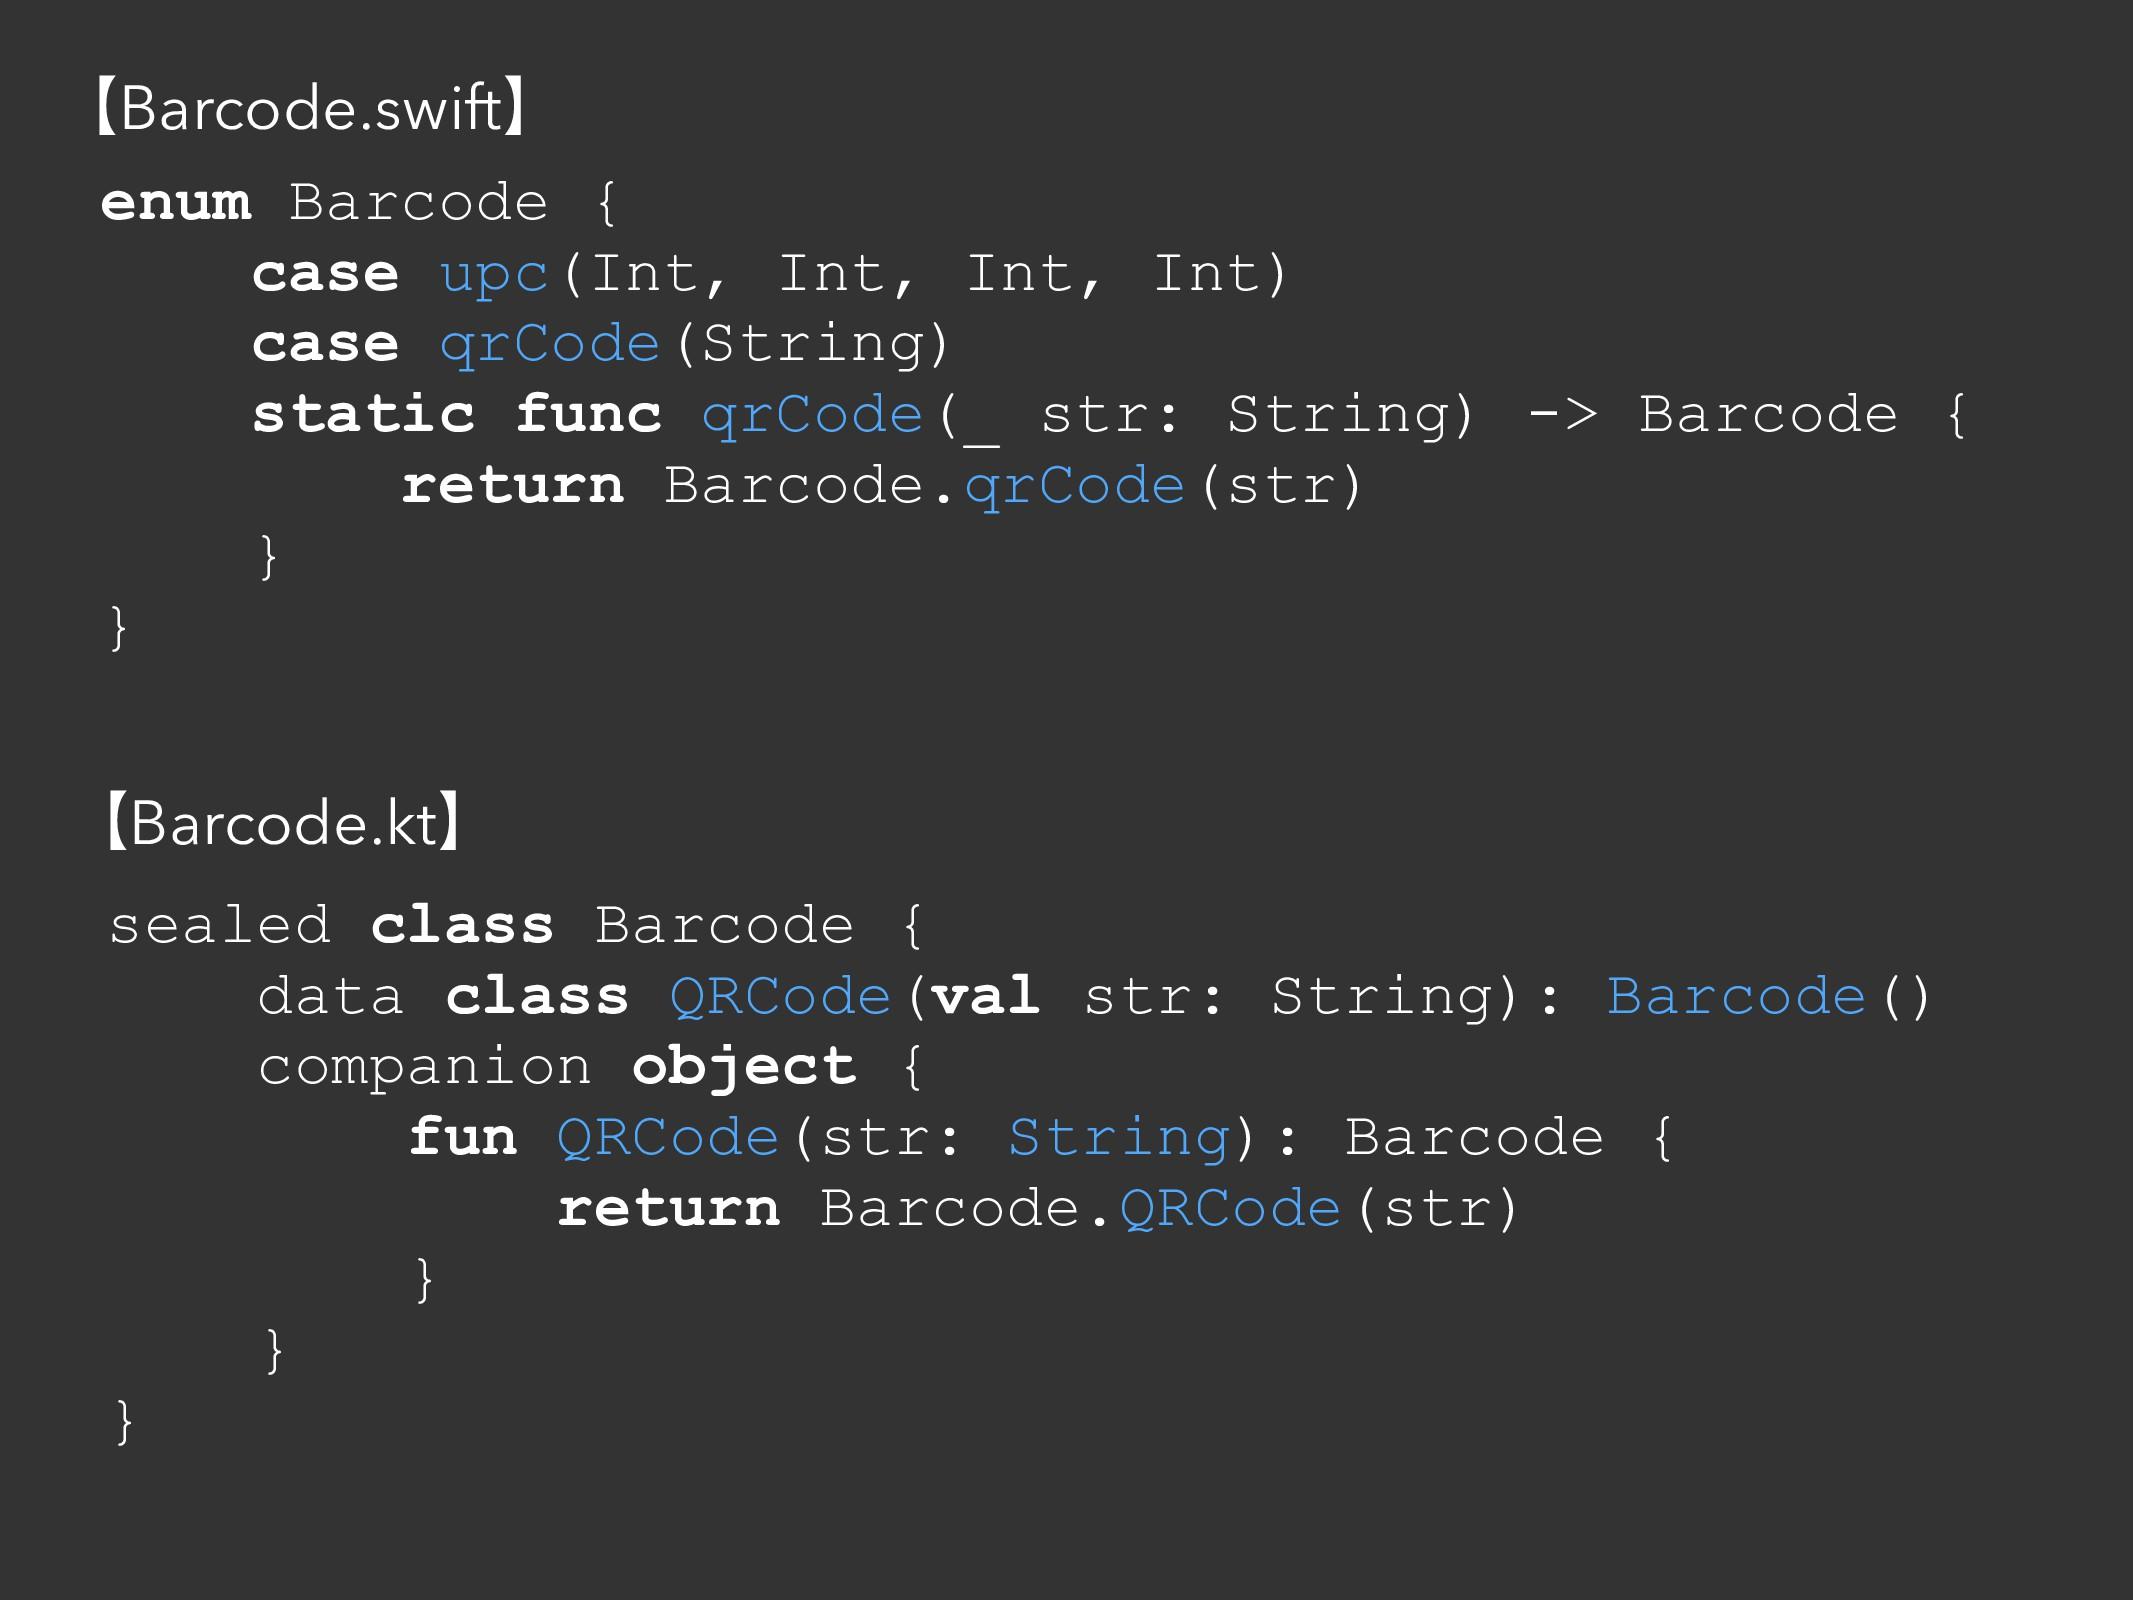 enum Barcode { case upc(Int, Int, Int, Int) cas...